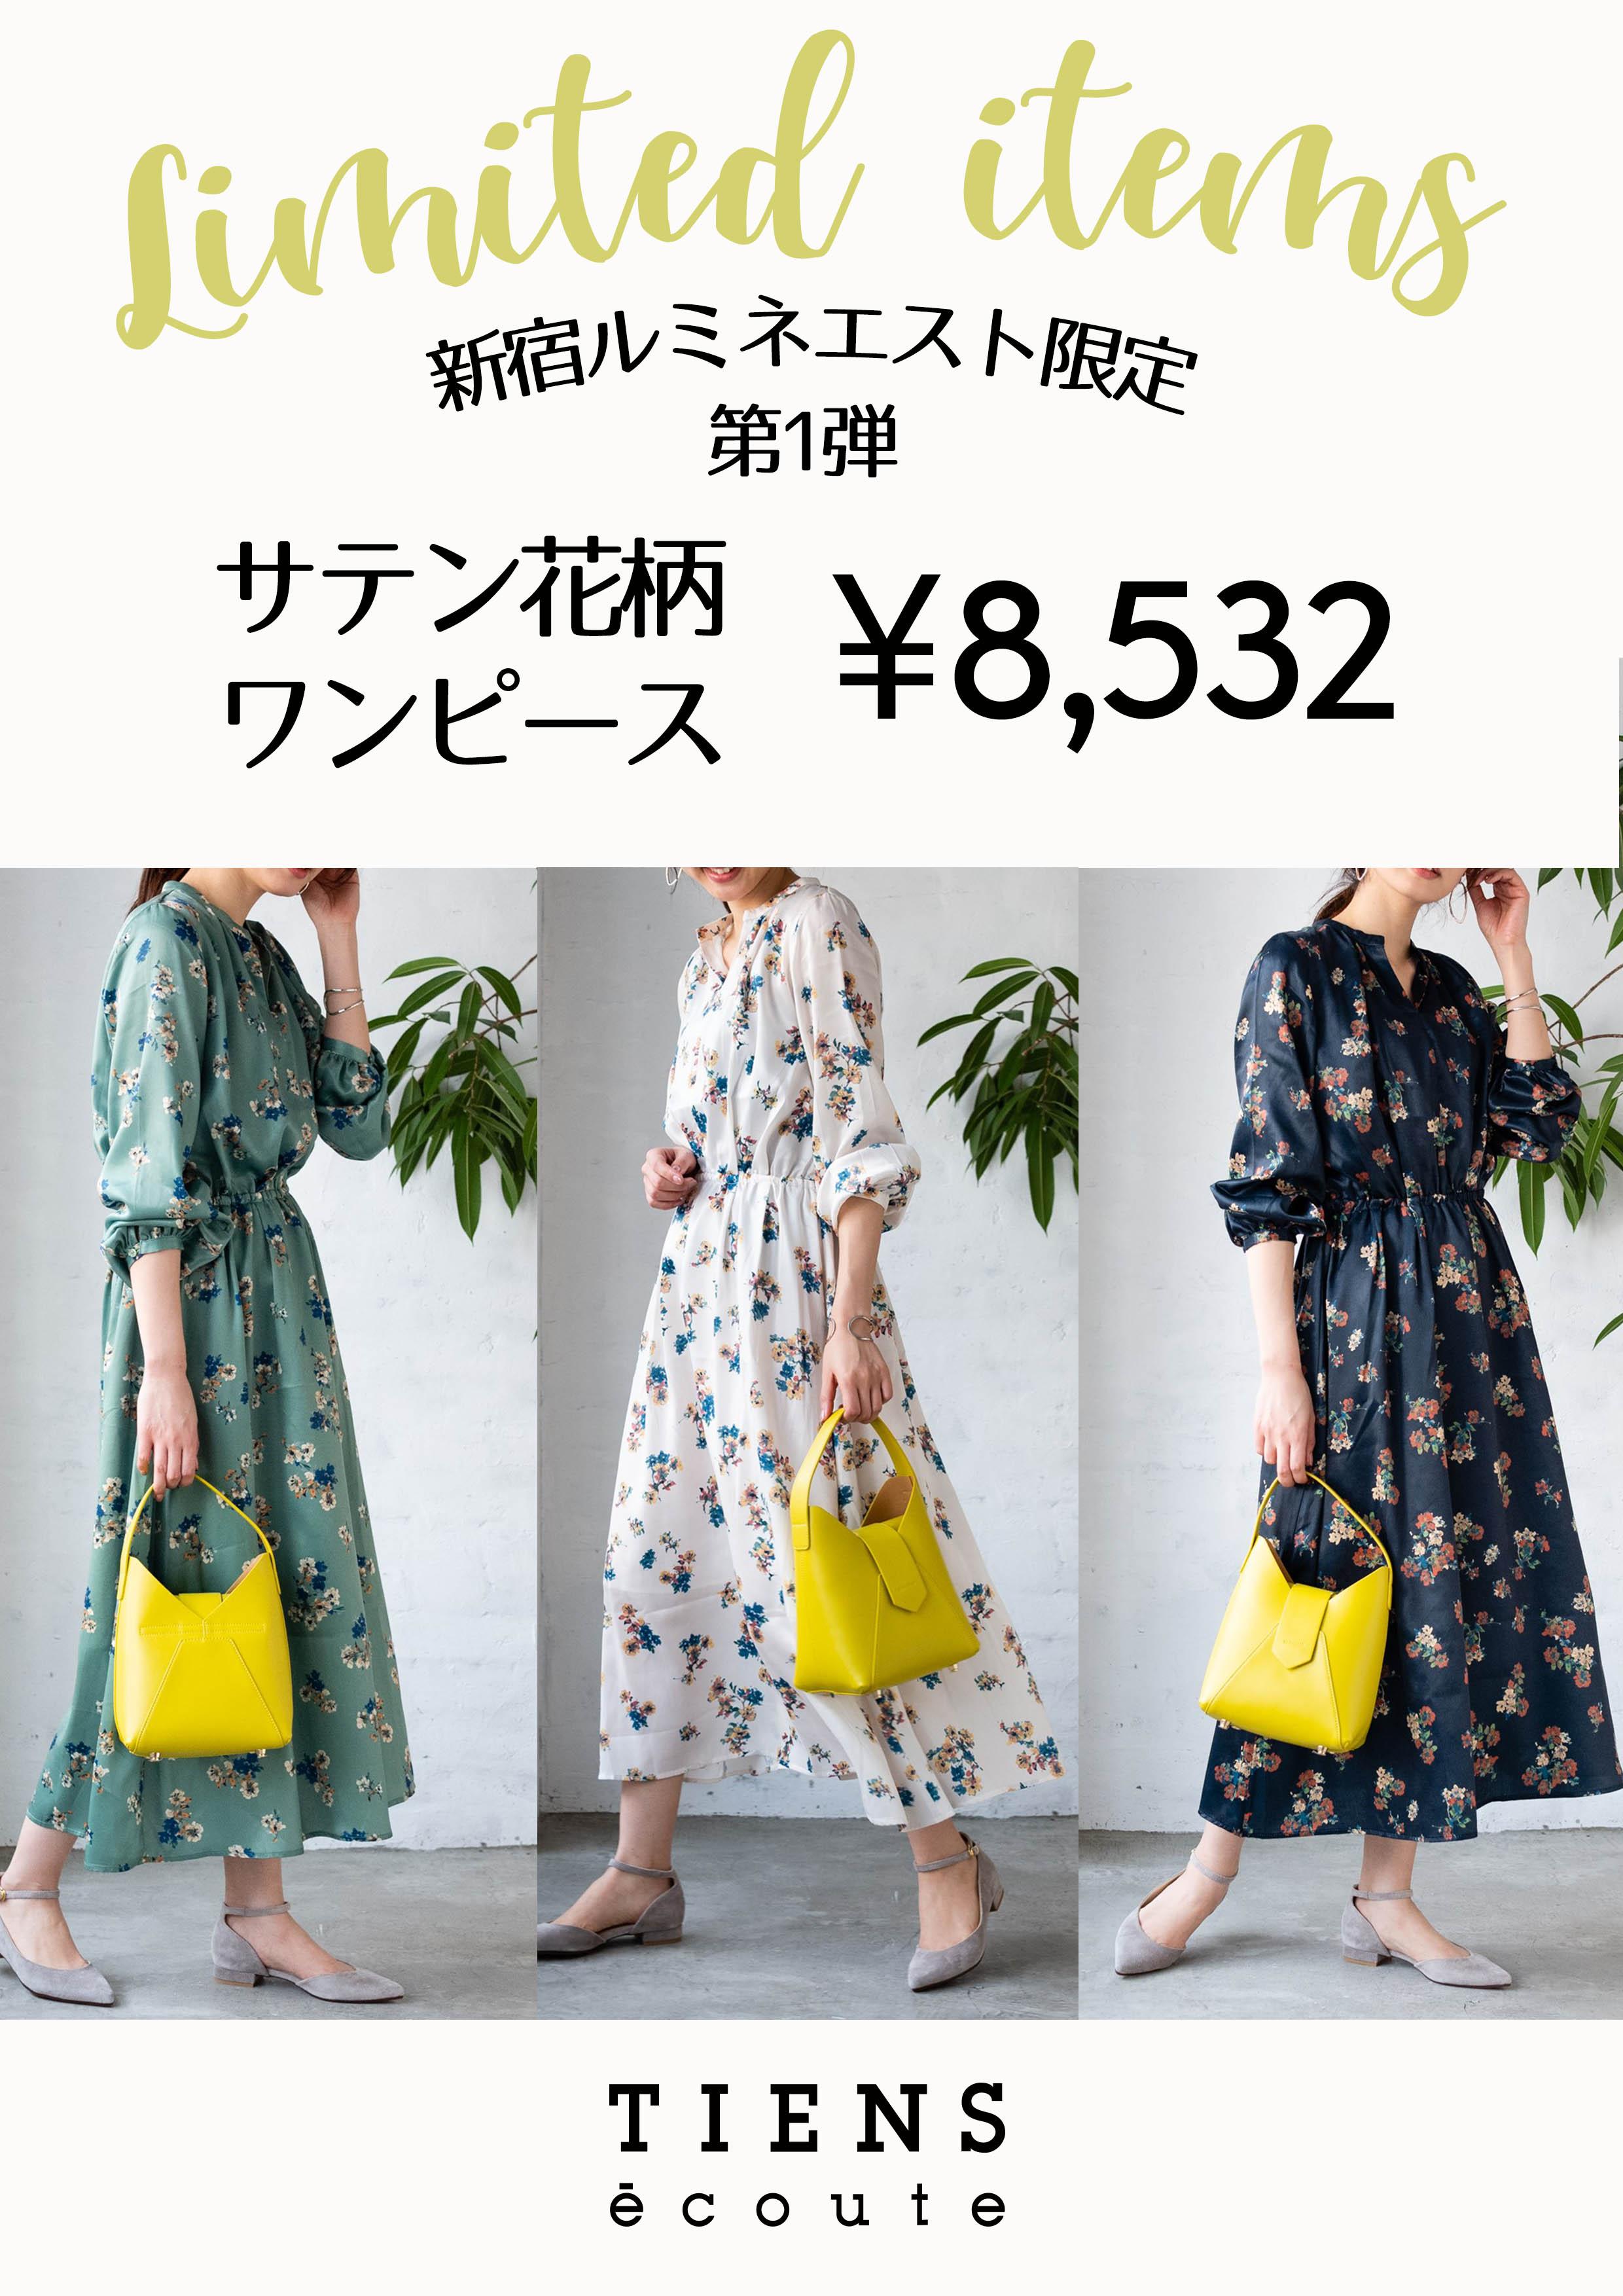 花柄ワンピース・新宿店